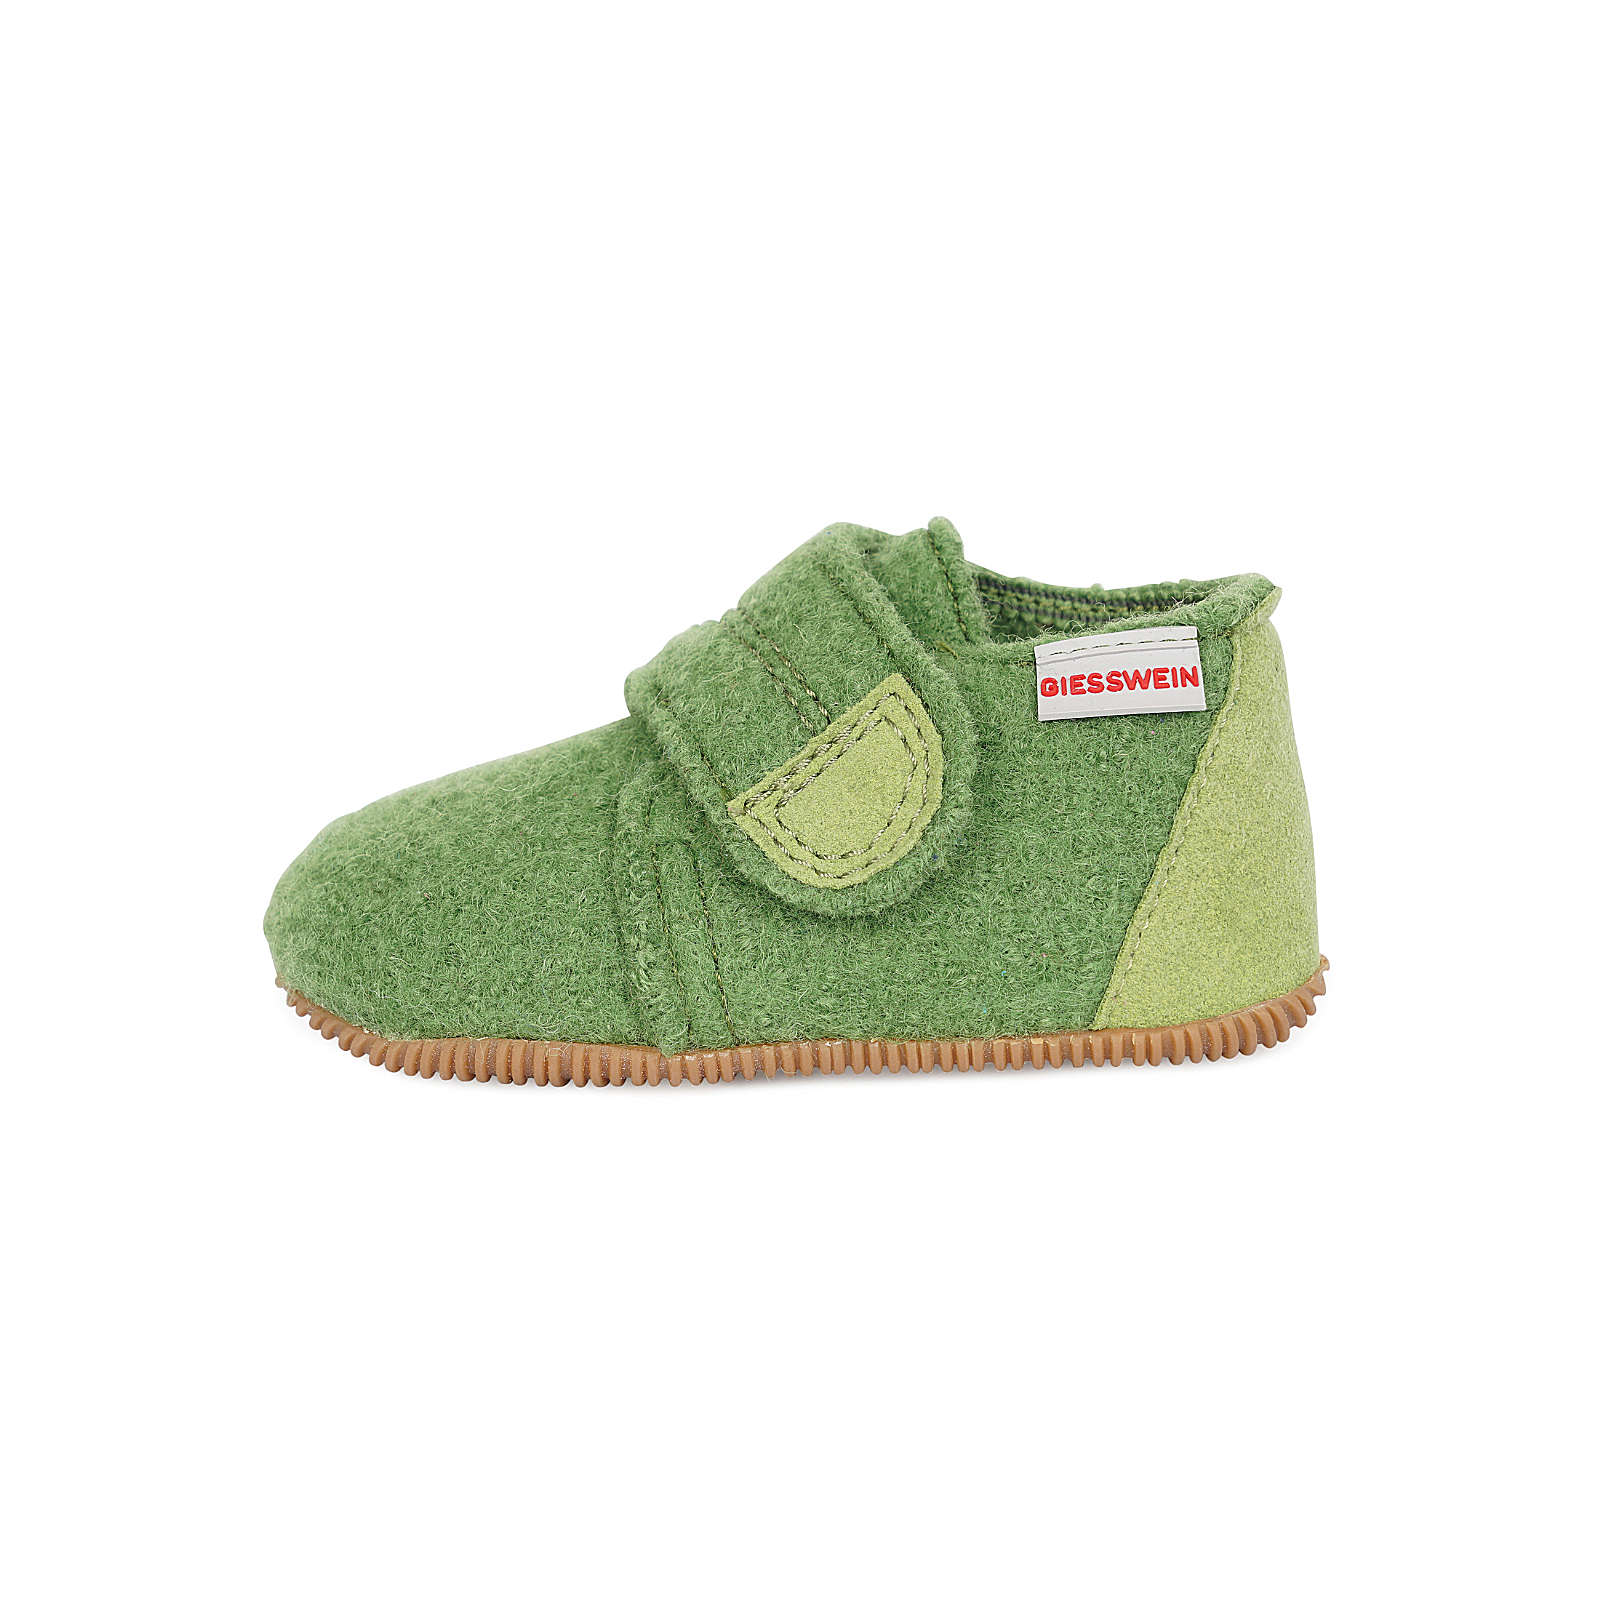 Giesswein Kinder Hausschuhe OBERSTAUFEN grün Gr. 28